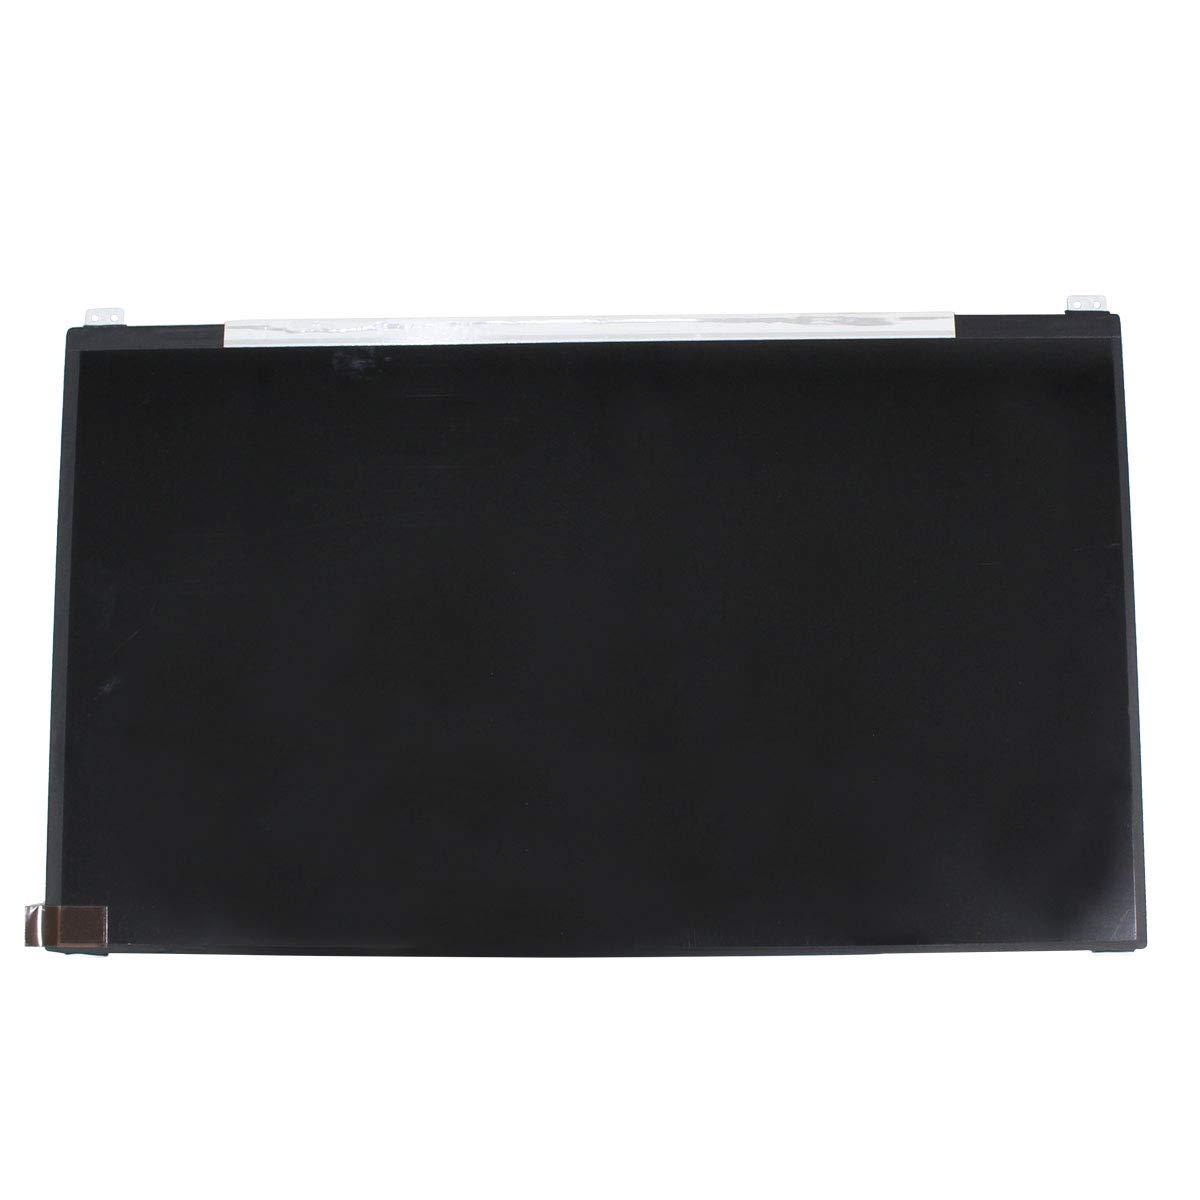 ApplianPar 14 inch FHD LCD Screen KGYYH 48DGW 6HY1W for Dell Latitude 7480 7490